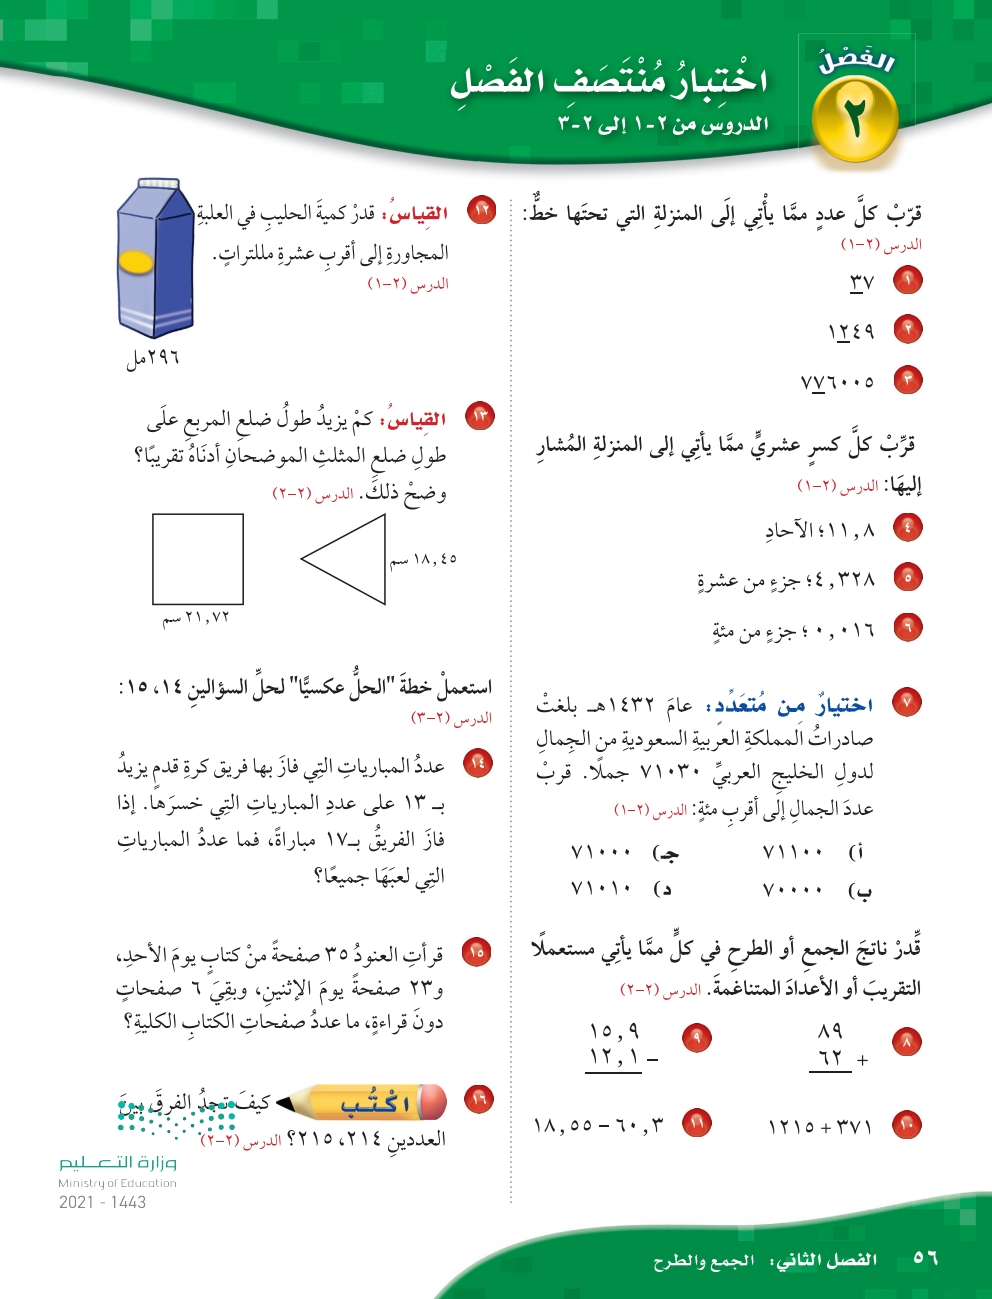 2-3 خطة حل المسألة الحل عكسياً